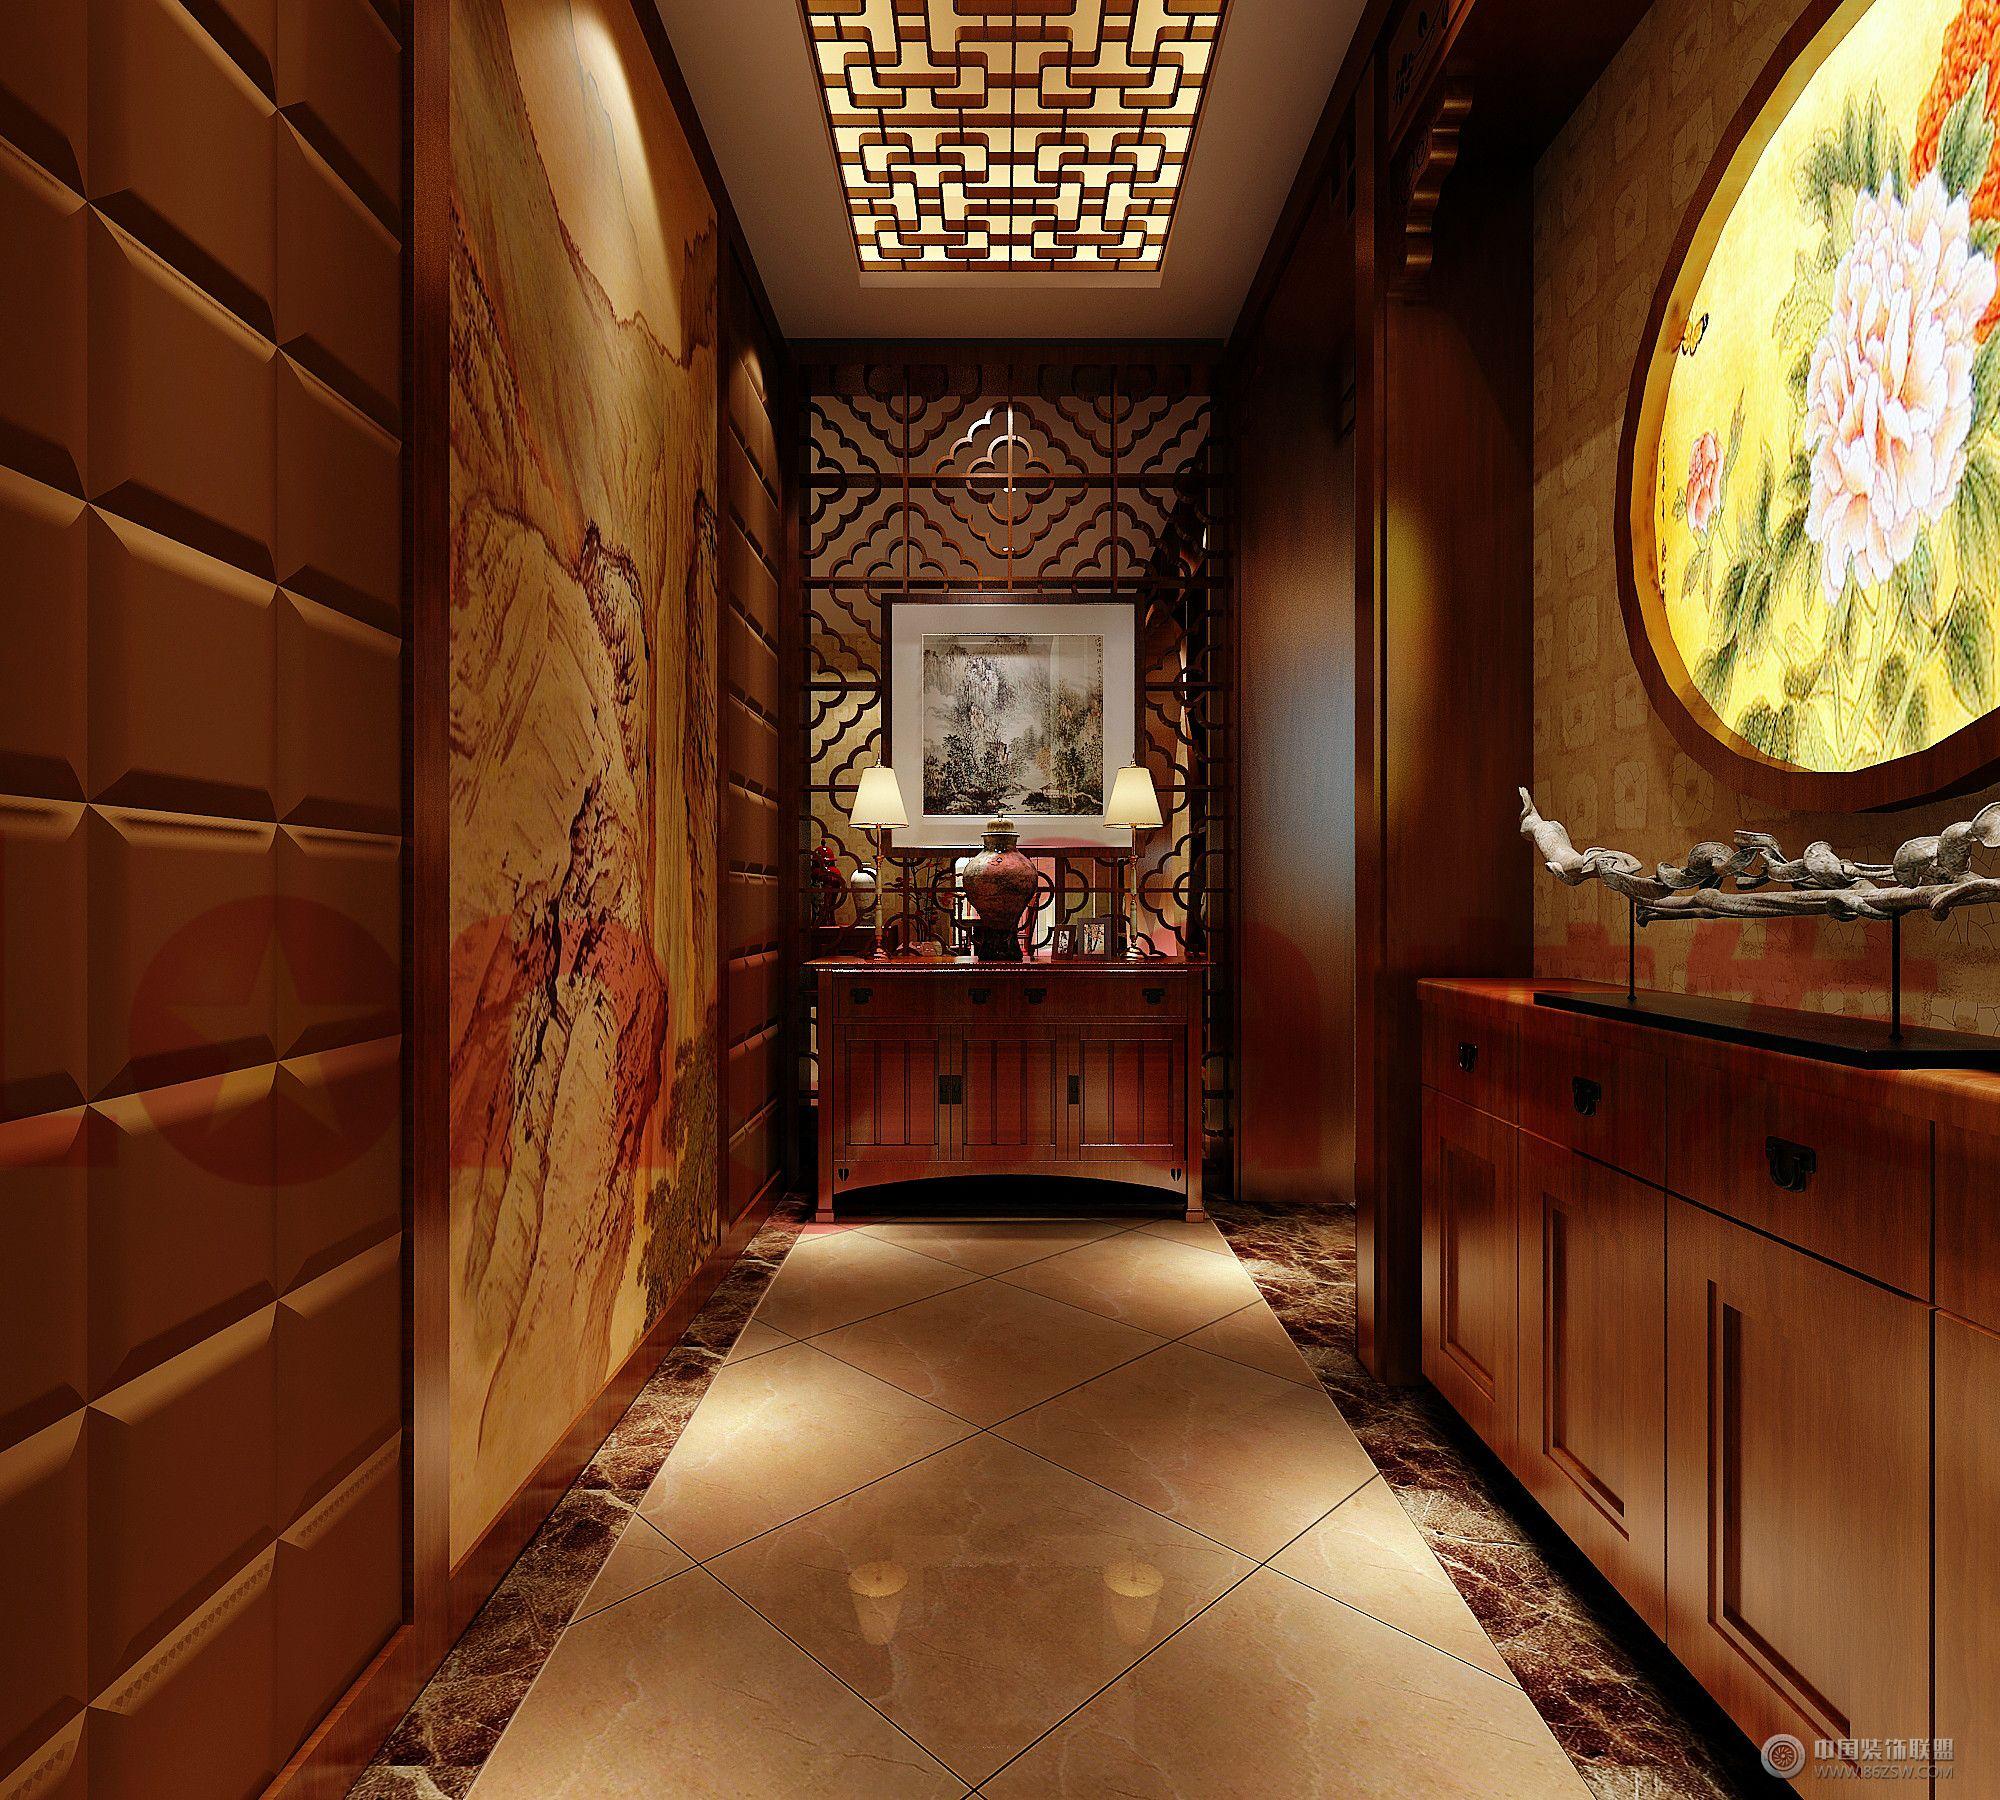 龙发装饰别墅中式案例 过道装修效果图 八六 中国 装饰联盟装修效果图高清图片